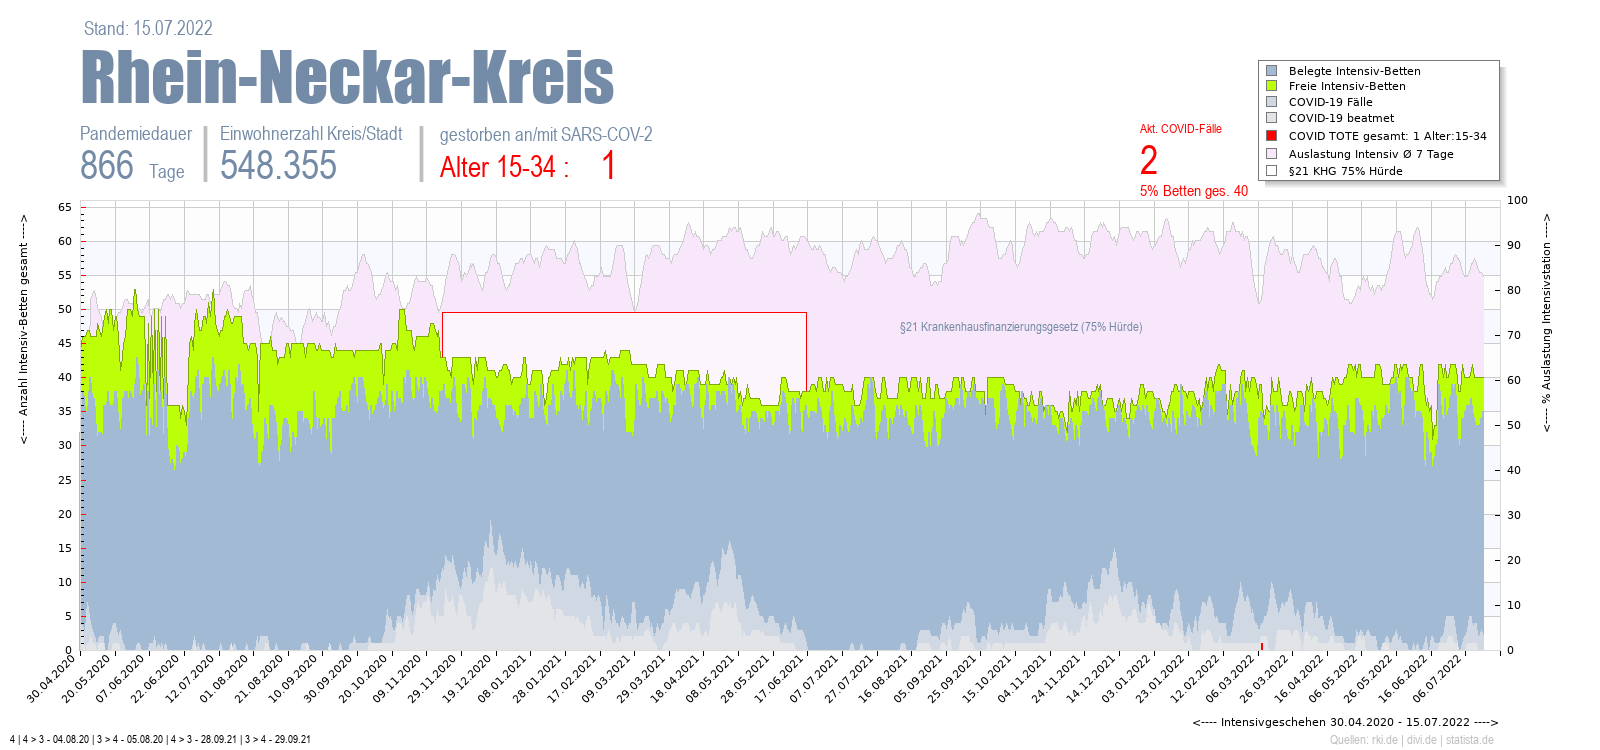 Intensivstation Auslastung Rhein-Neckar-Kreis Alter 0-4